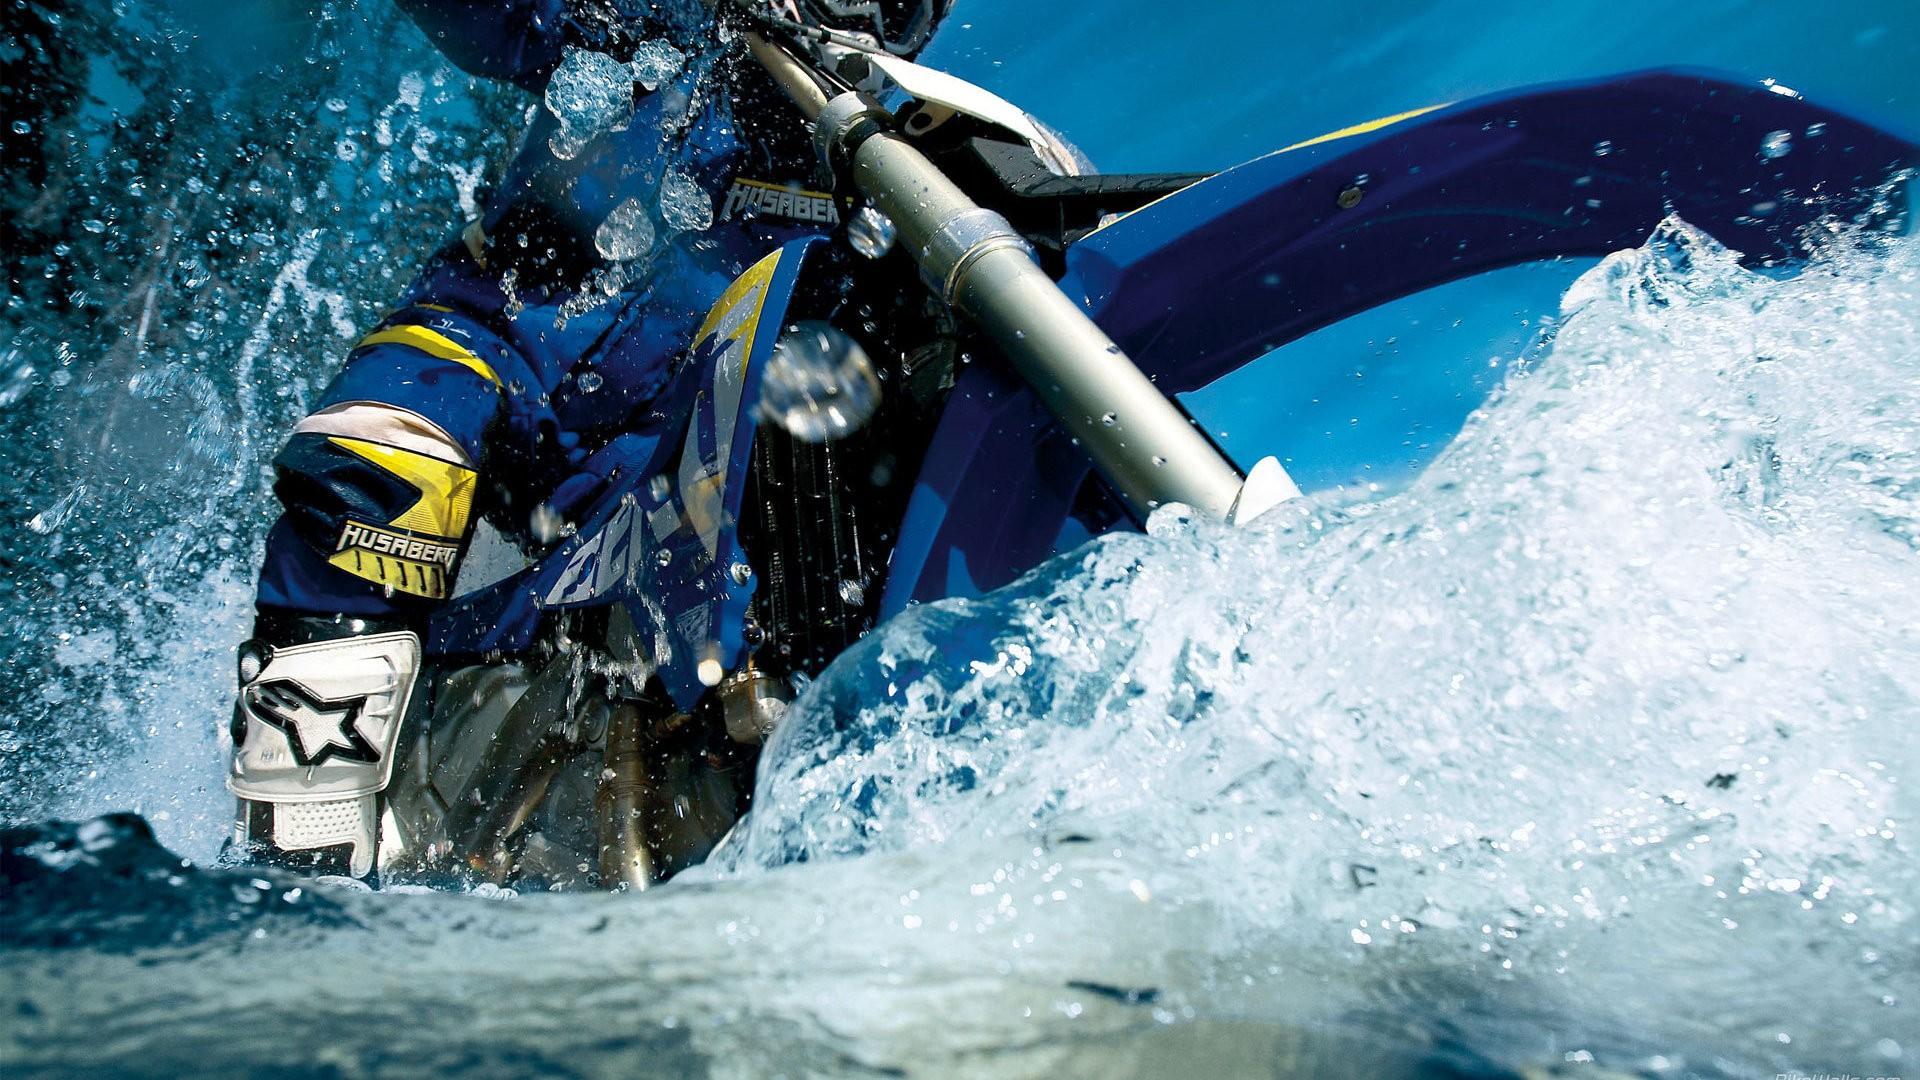 Motocross Wallpaper Photos HD 1920x1080